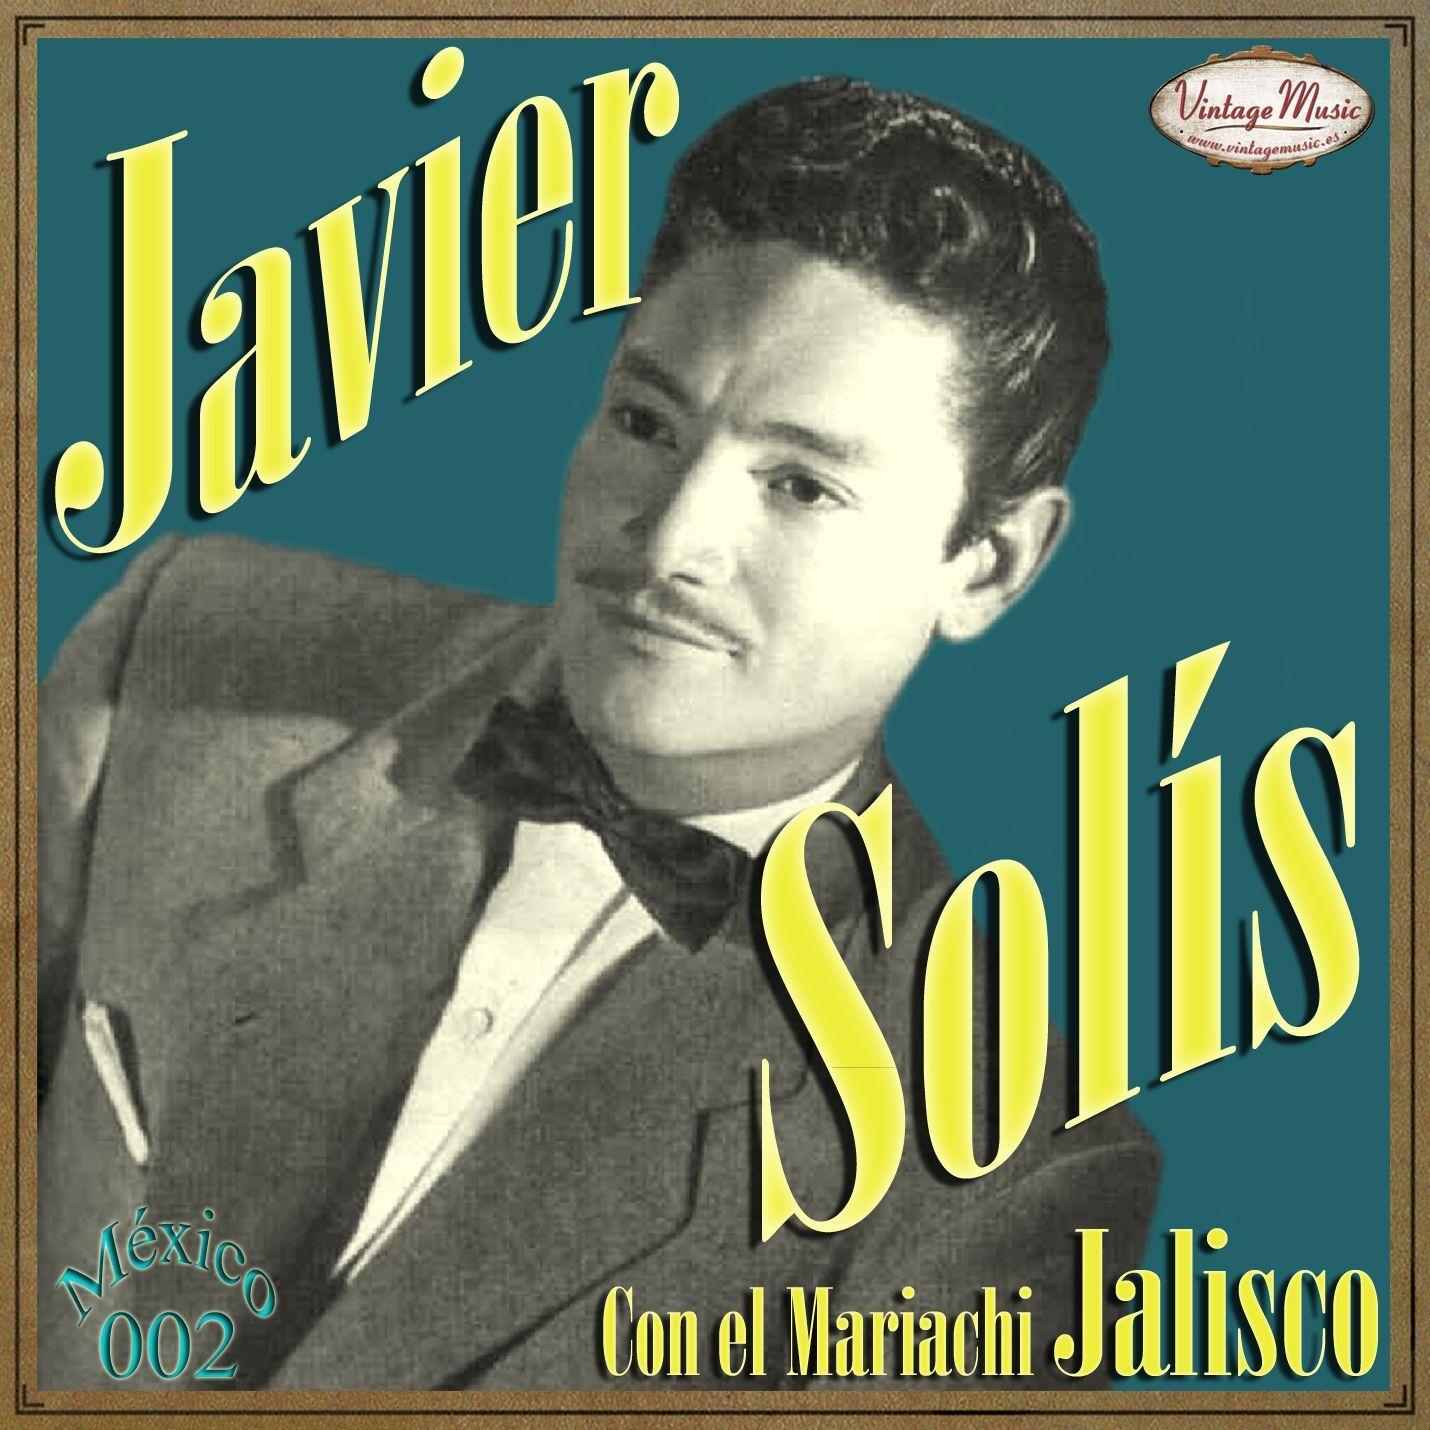 JAVIER SOLIS - JAVIER SOLIS Mexico Collection CD 2 Bolero Cancion Mariachi Jalisco. Ya No Me Quieres - CD